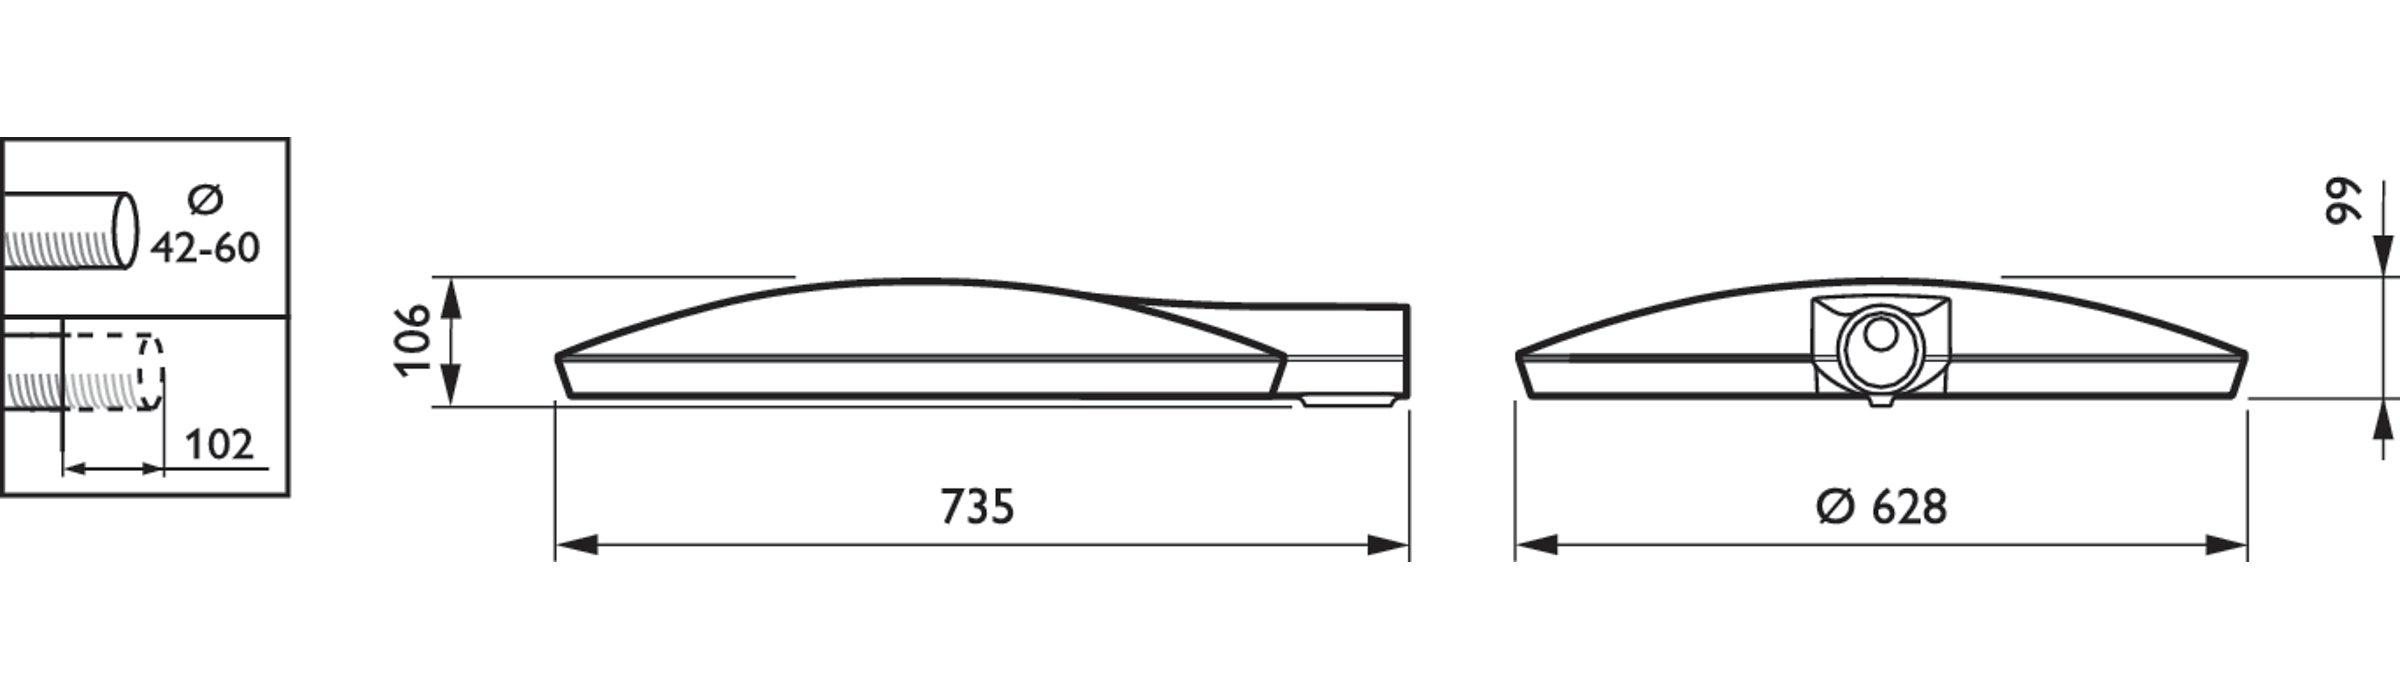 Brp531 Grn125 740 I Dm Fg Co Gr D9 T35 Citysoul Gen2 Led Large Wiring Diagram A Versatile Identity